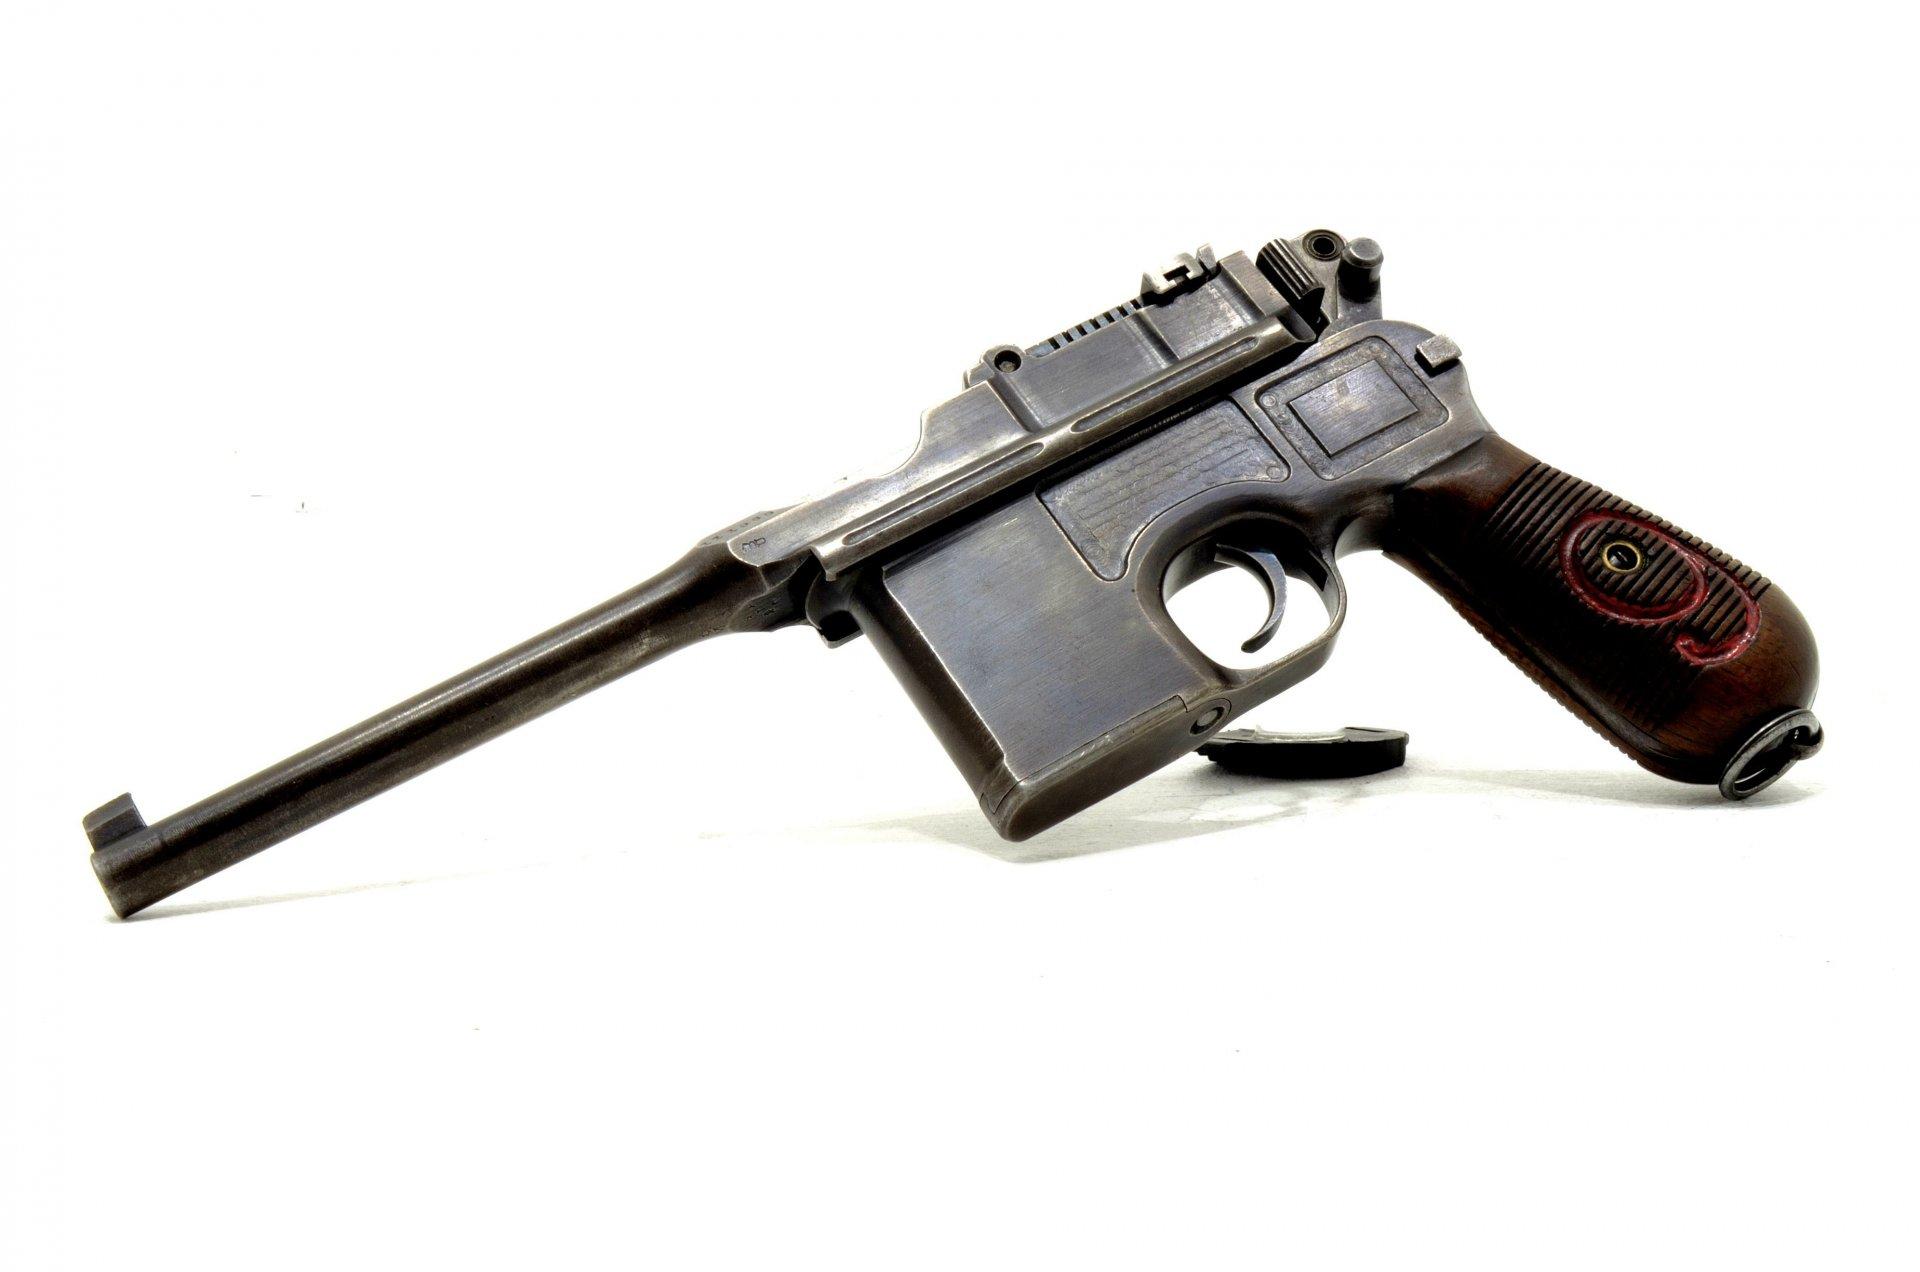 mauzer-s96-mauzer-magazinnyj-pistolet.jp